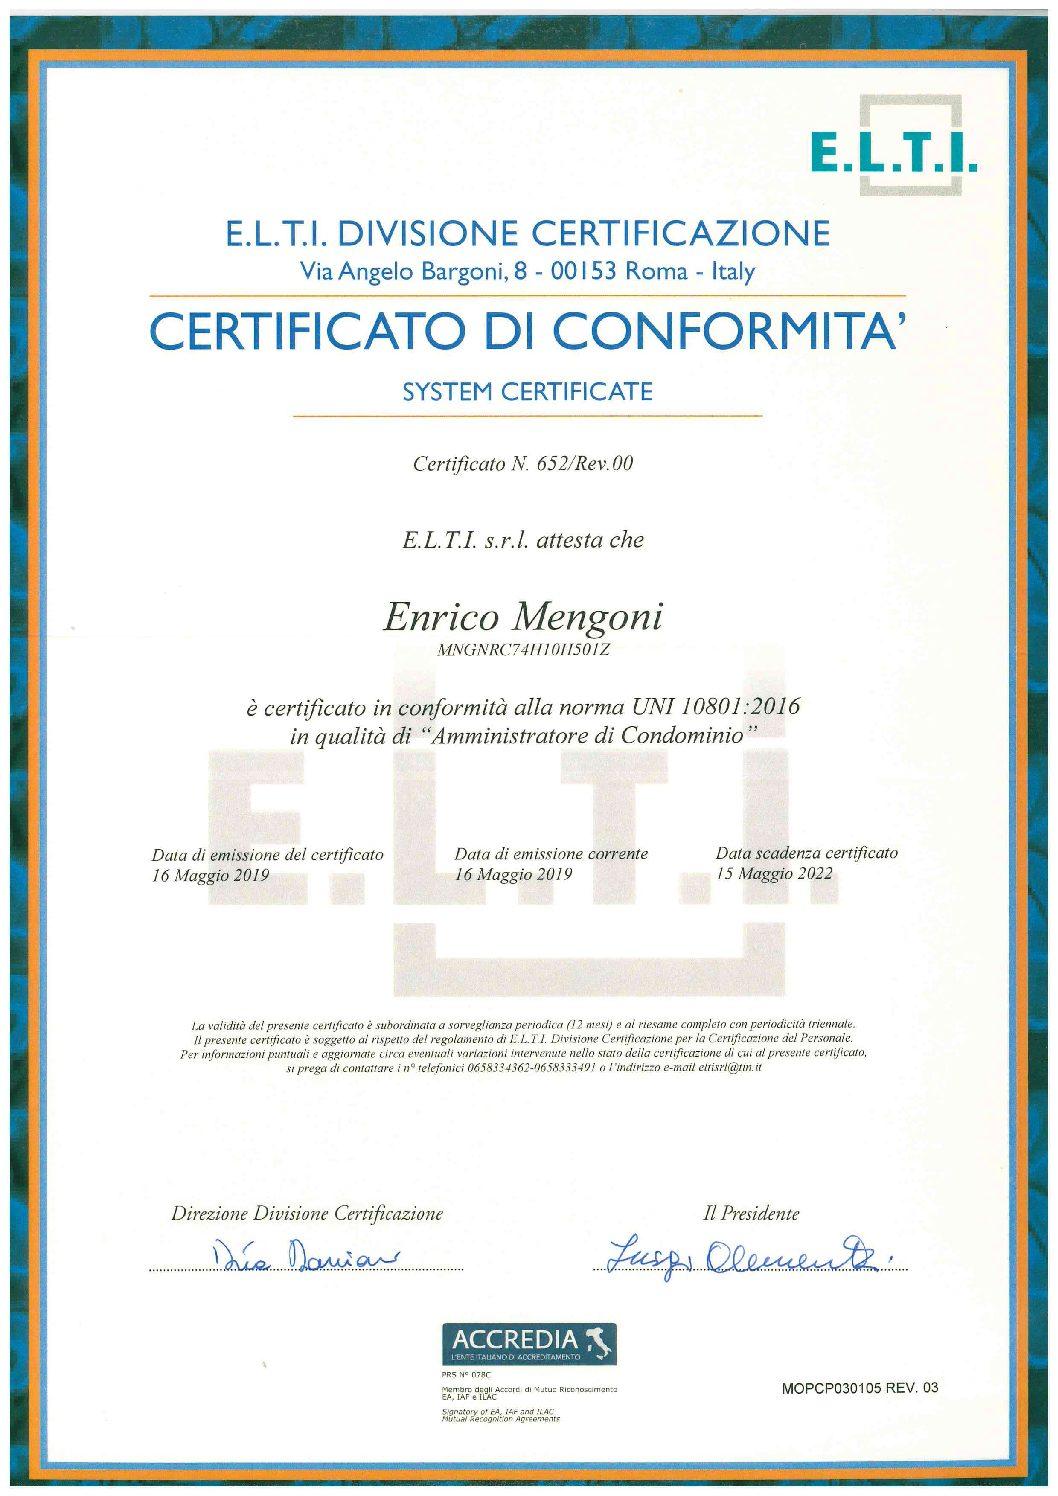 AMMINISTRATORE CERTIFICATO IN CONFORMITA' DELLA NORMA UNI 10801:2016.